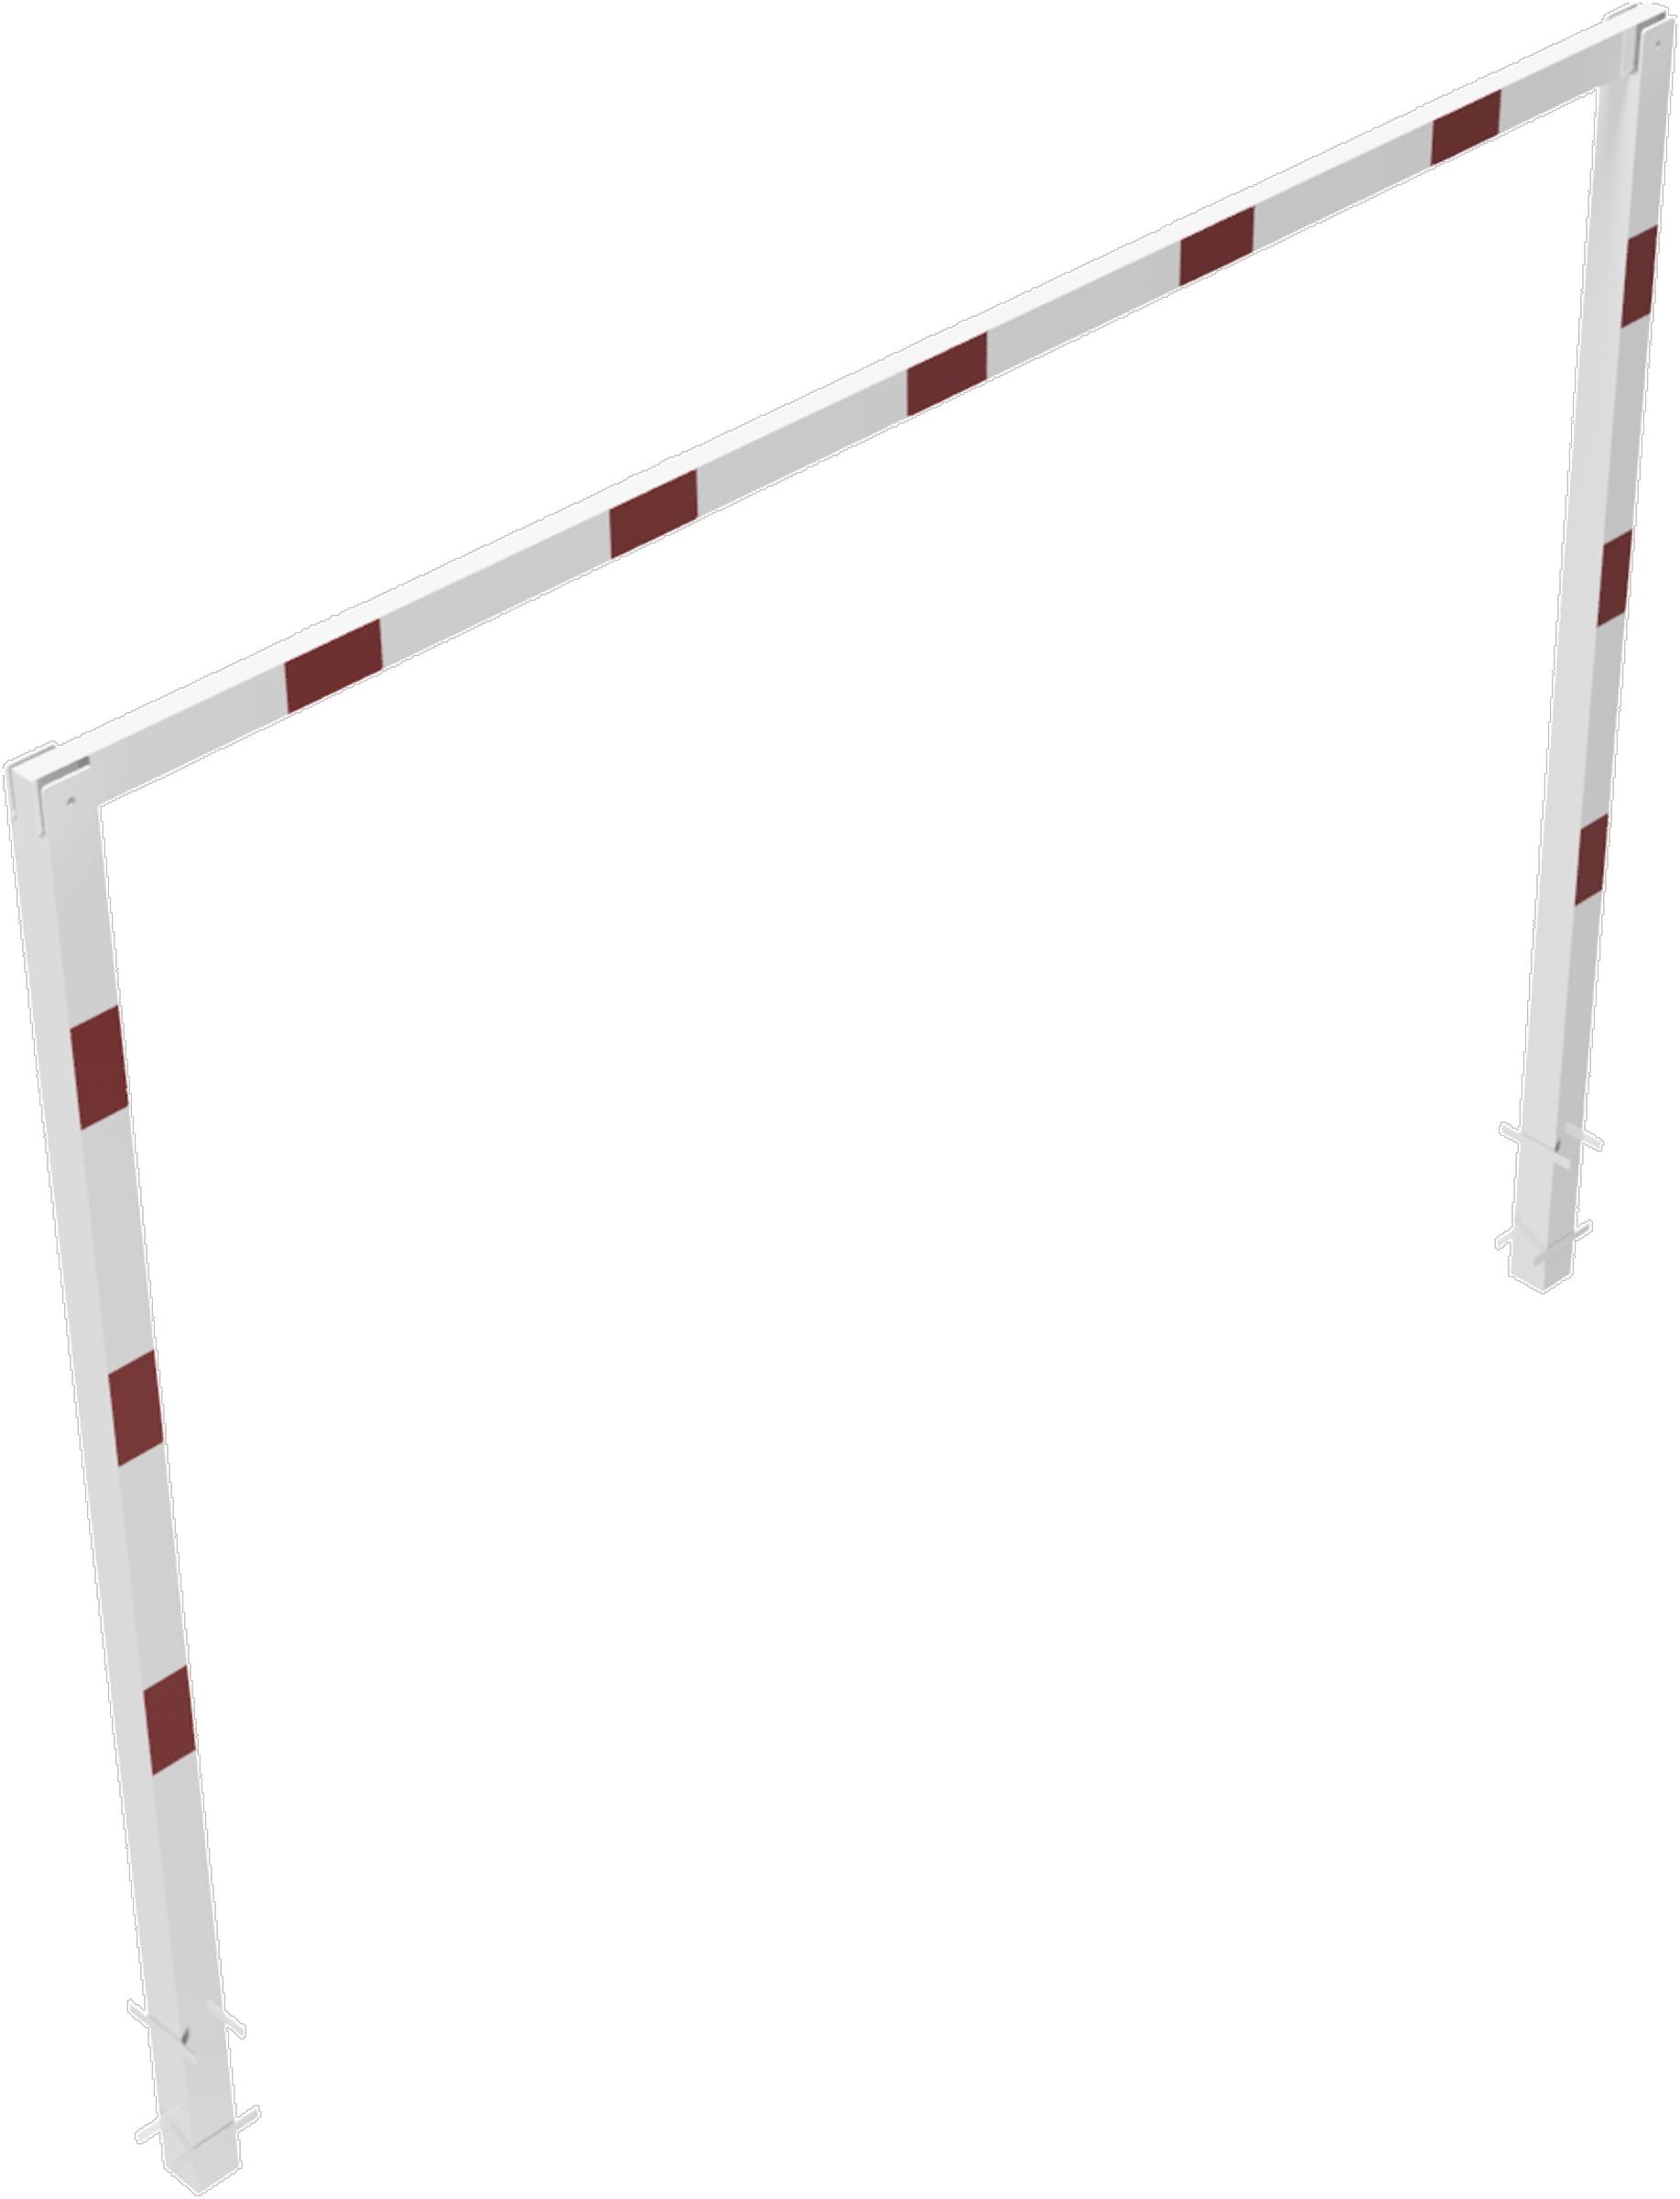 Schake Höhenbegrenzer - 2 Standpfosten Stahl 100 x 100 mm weiß | rot